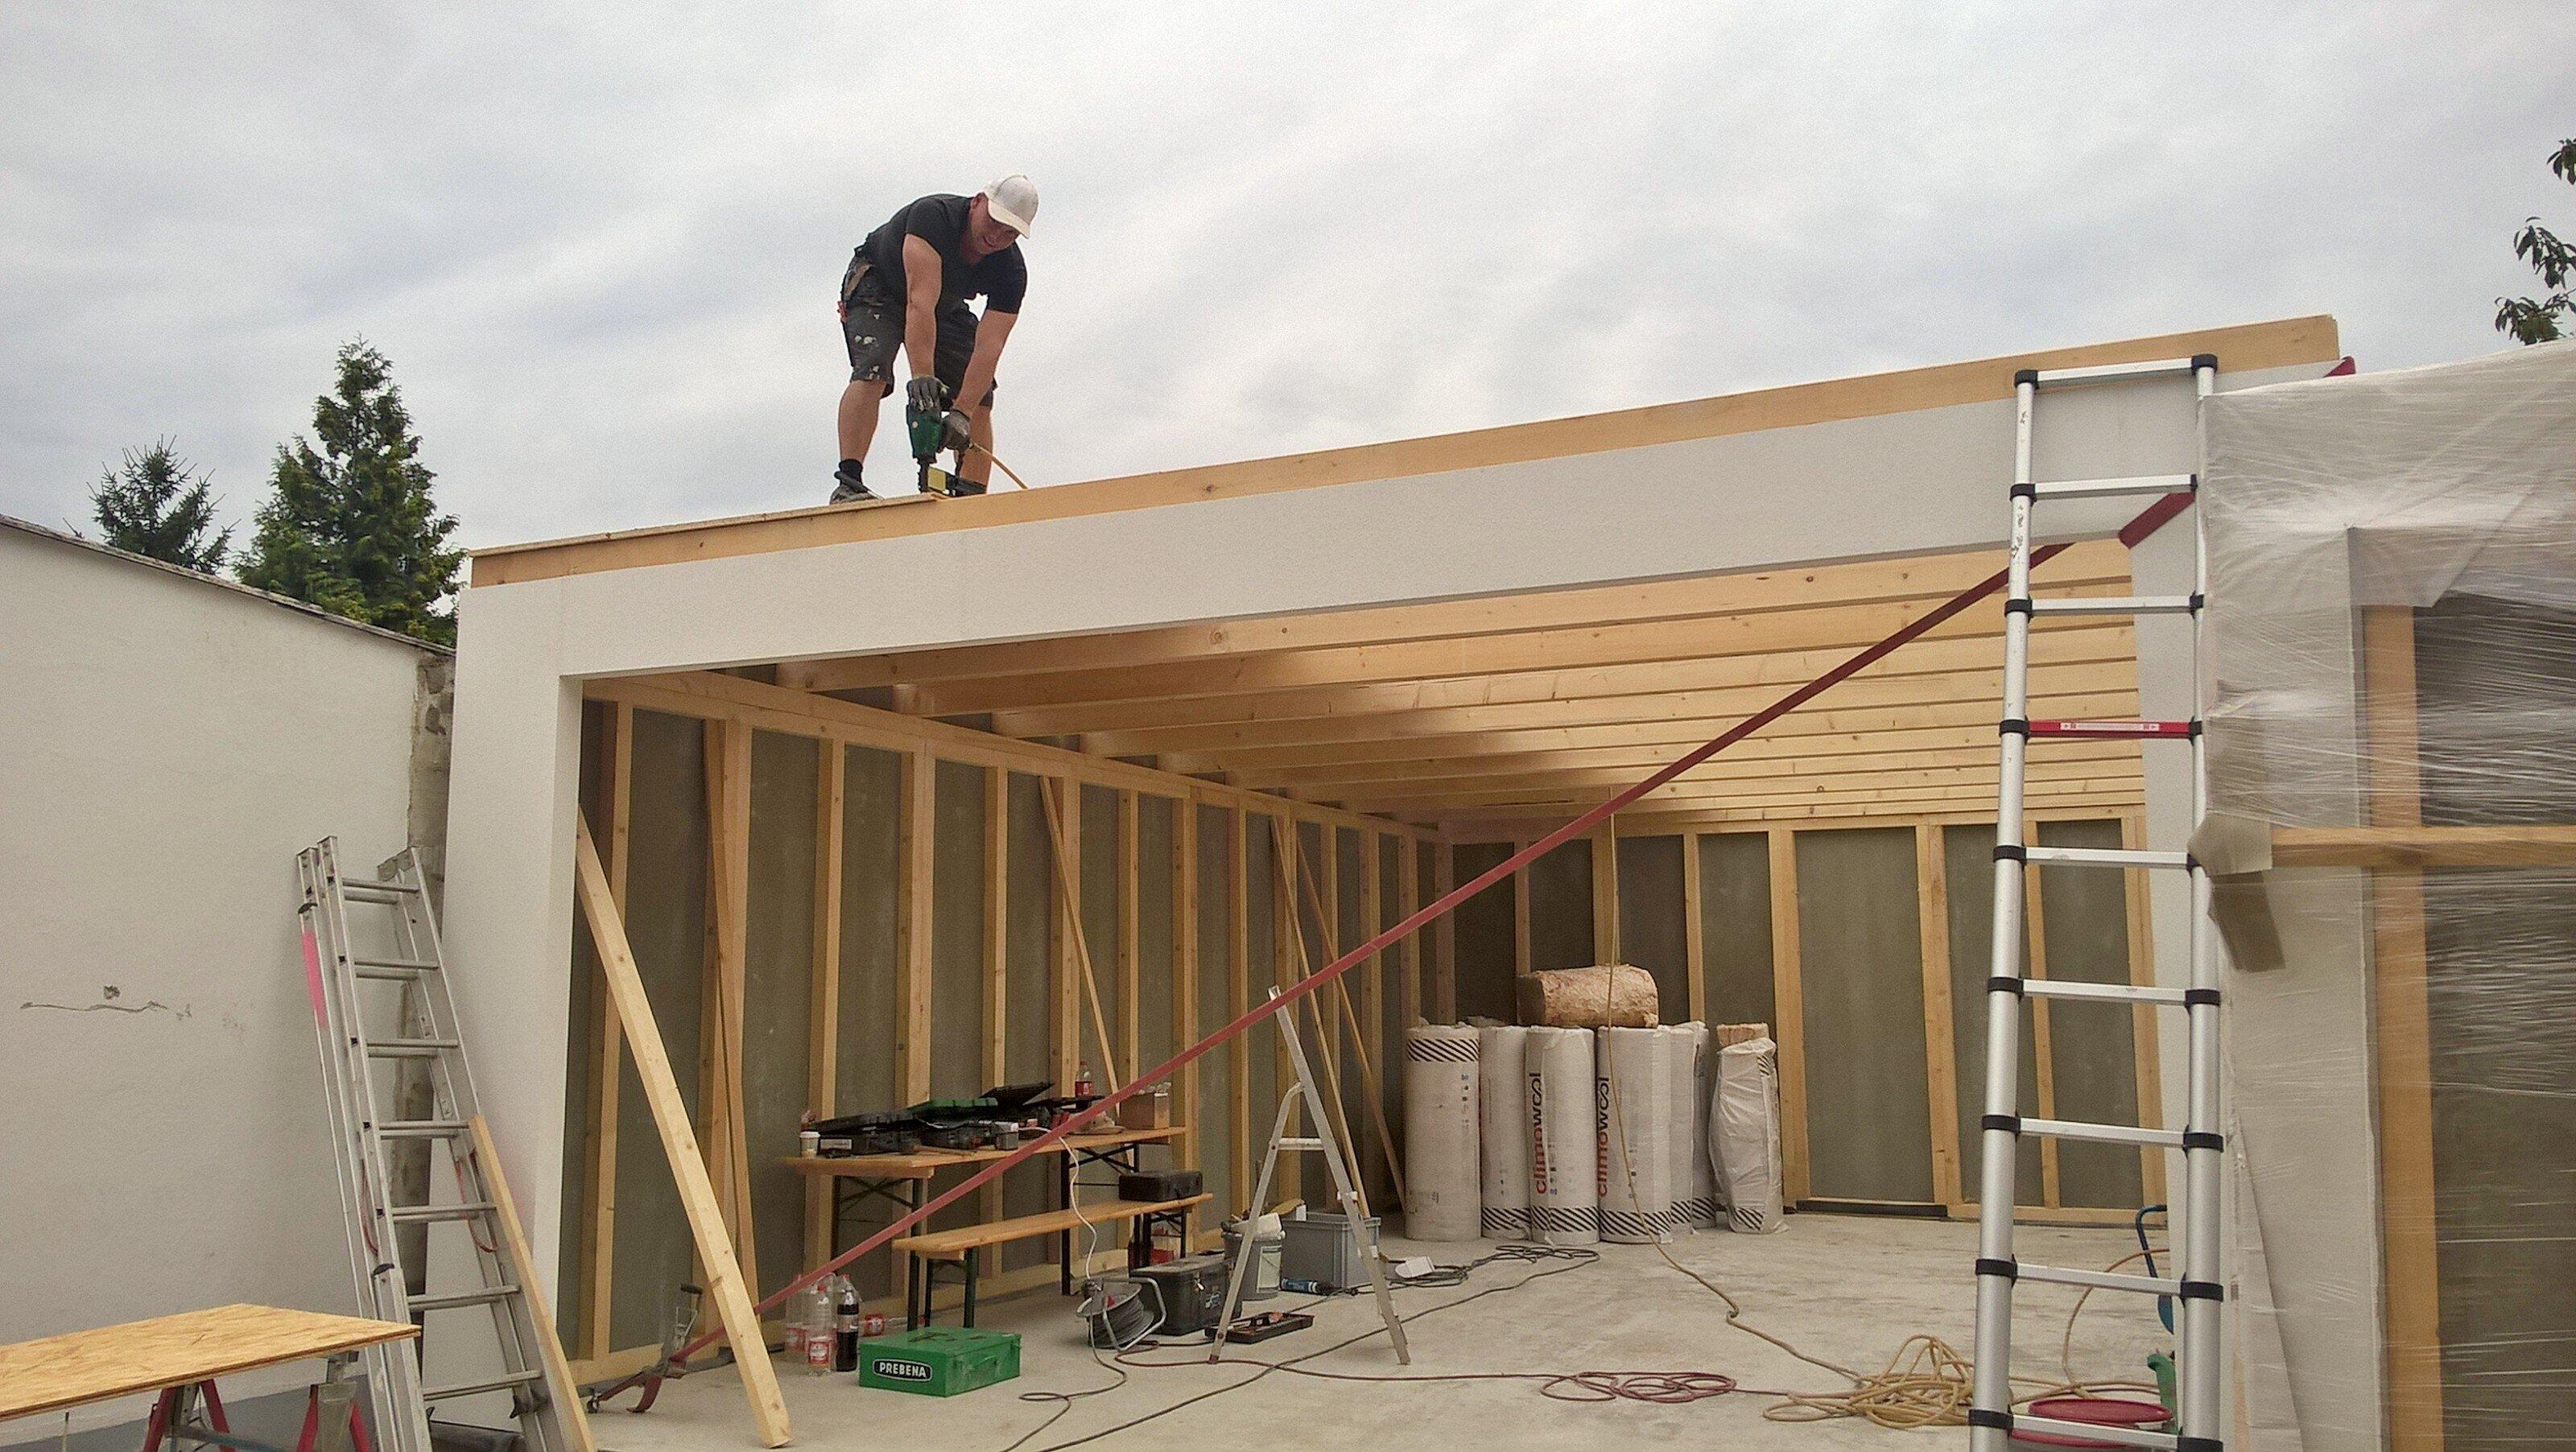 Montage des Daches der Garage in Karlsruhe